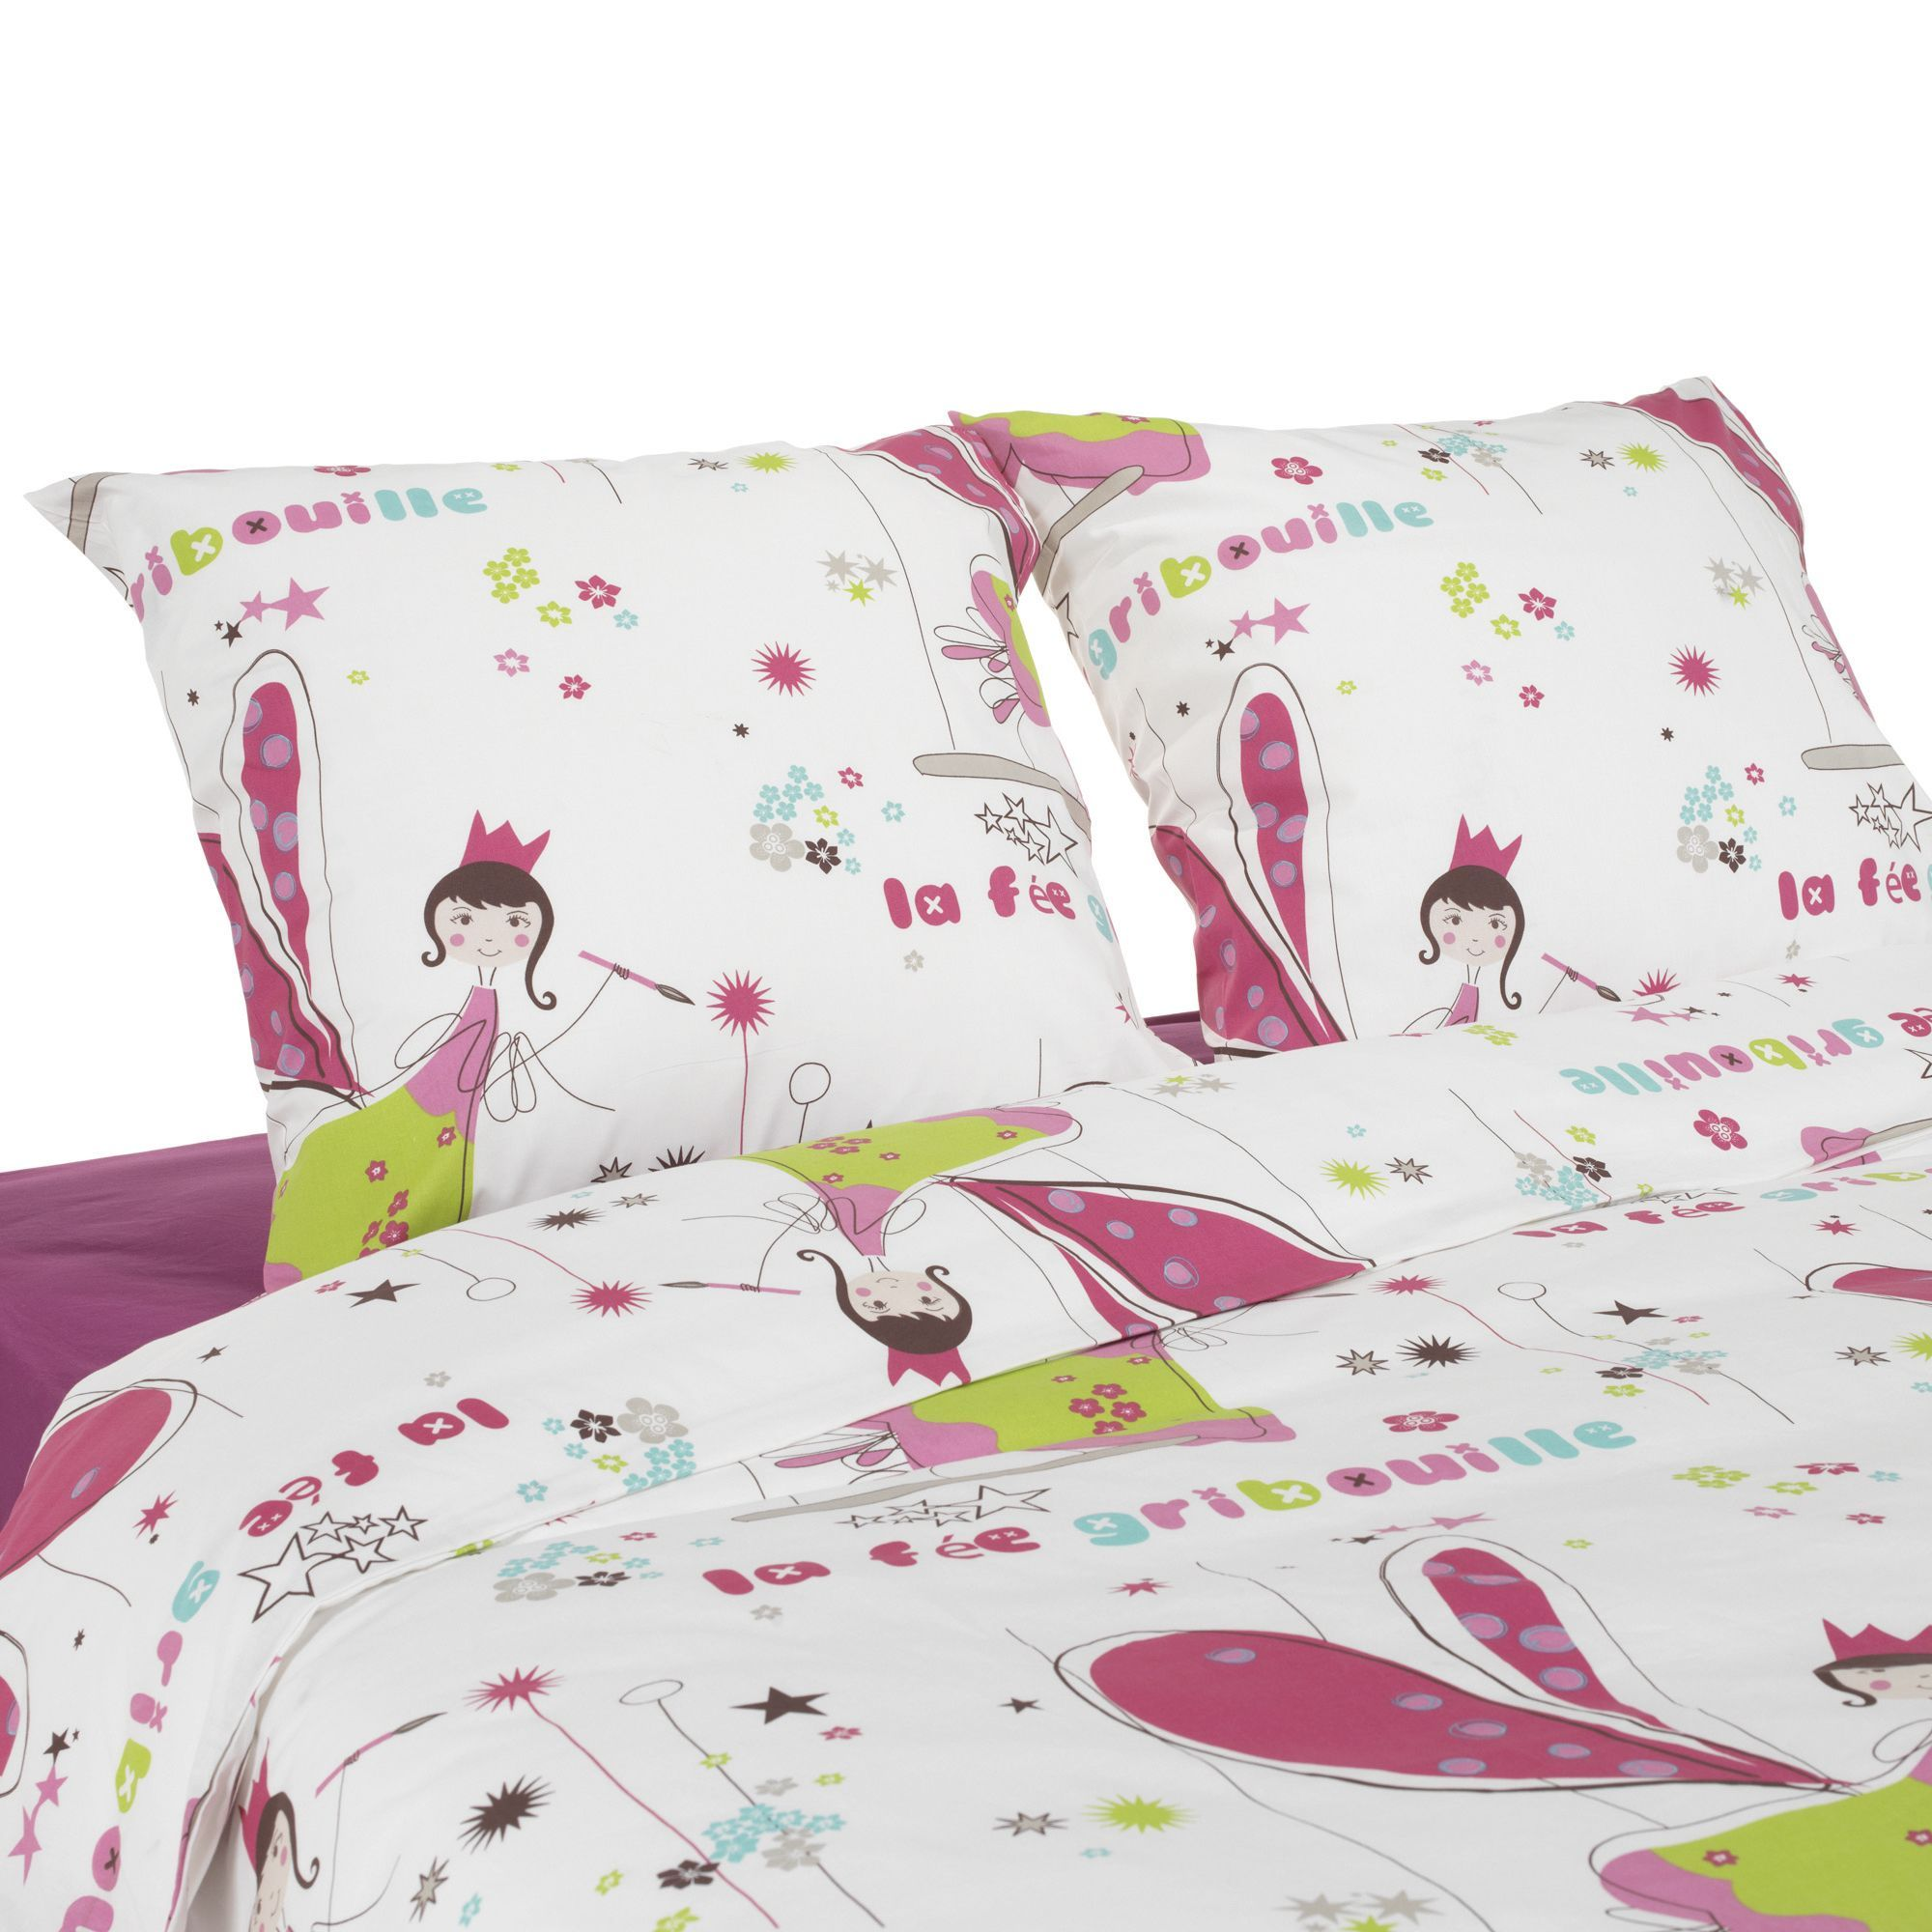 Parure De Couette Pour Lit 1 2 Places Fee Gribouille Le Linge De Lit Enfant Alinea Home Decor Decor Toddler Bed